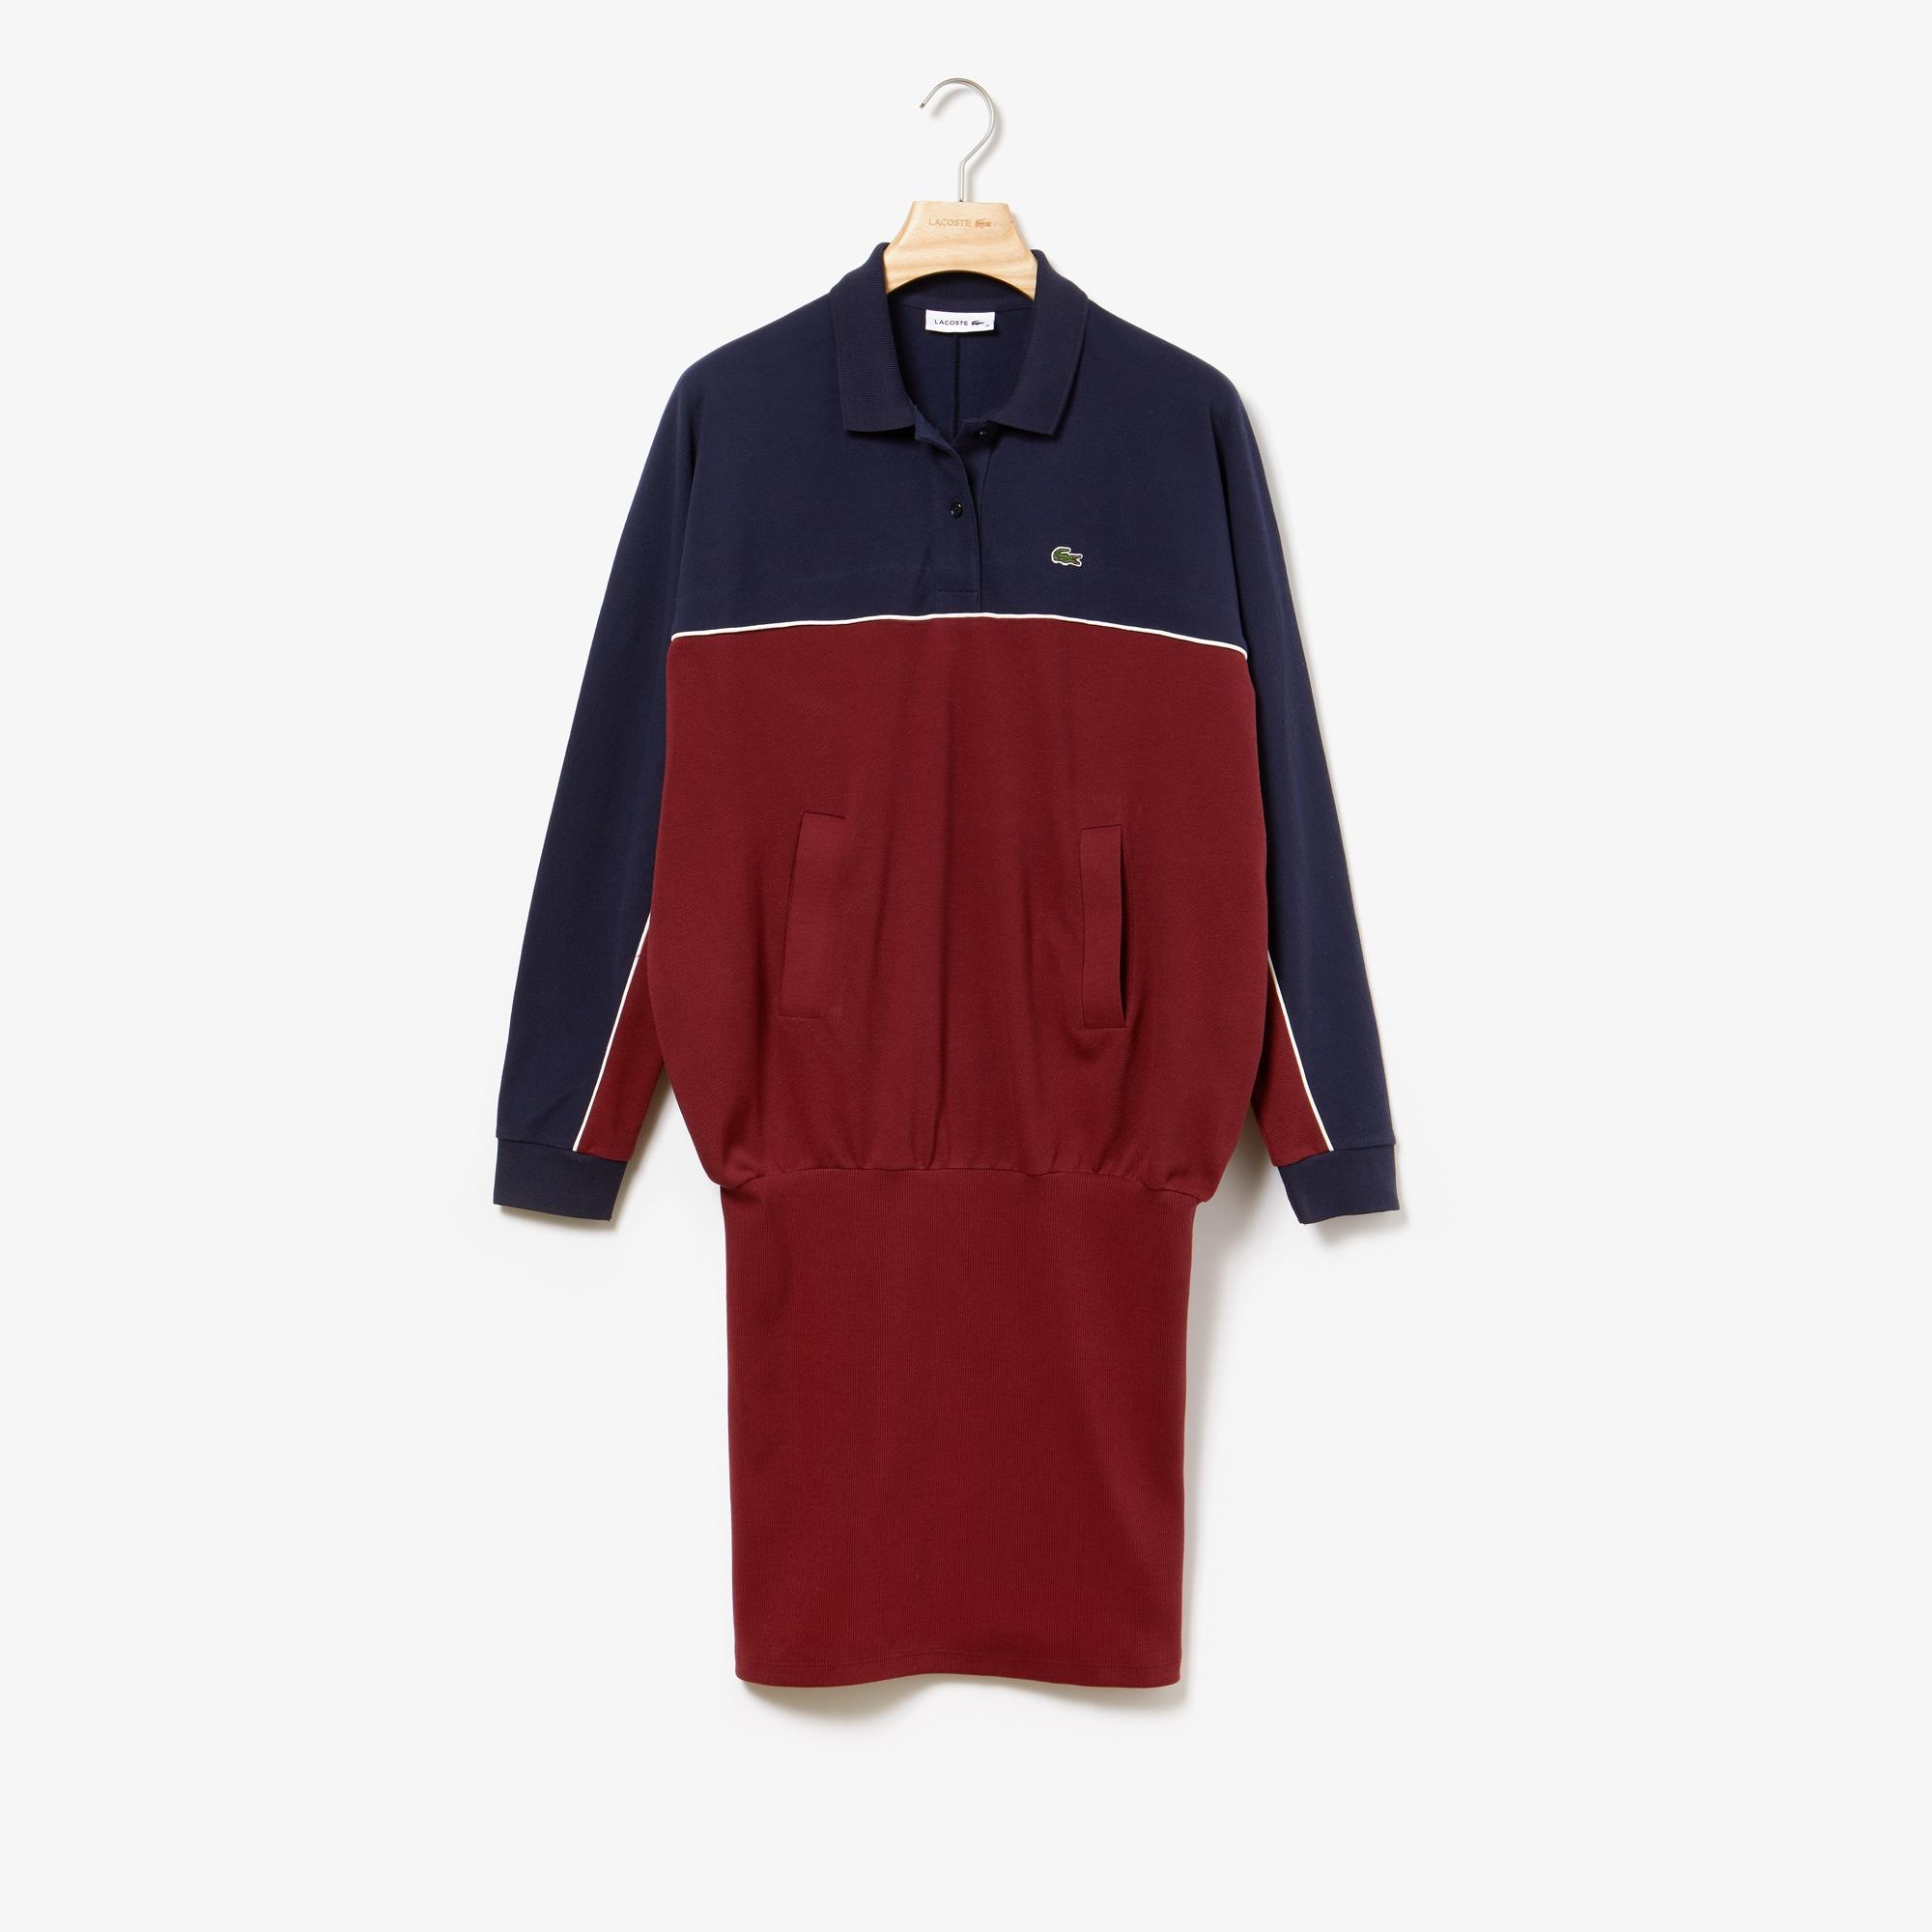 라코스테 코튼 폴로 원피스 Lacoste Womens Cotton Polo Dress,Navy Blue / Bordeaux / White